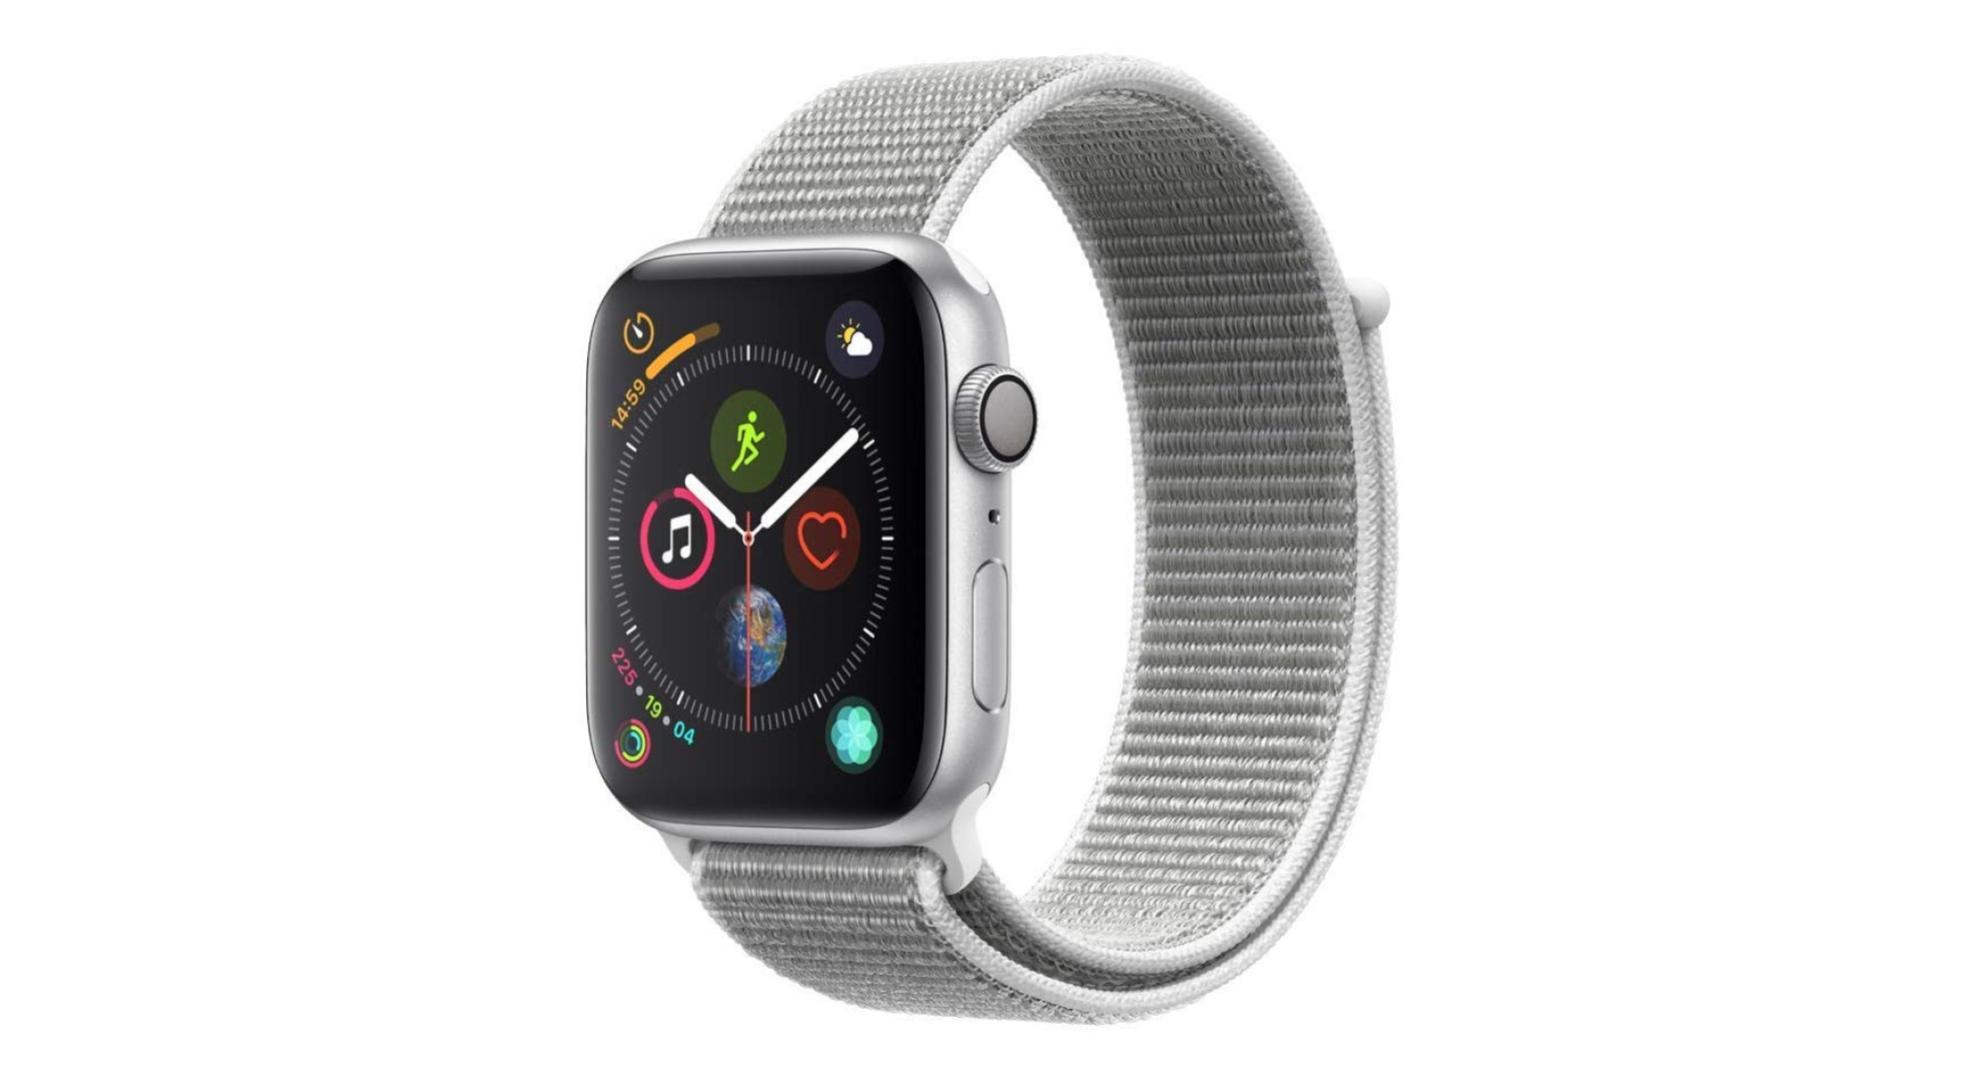 Le Deal du Jour : depuis la sortie de l'Apple Watch Series 5, la Series 4 est bradée